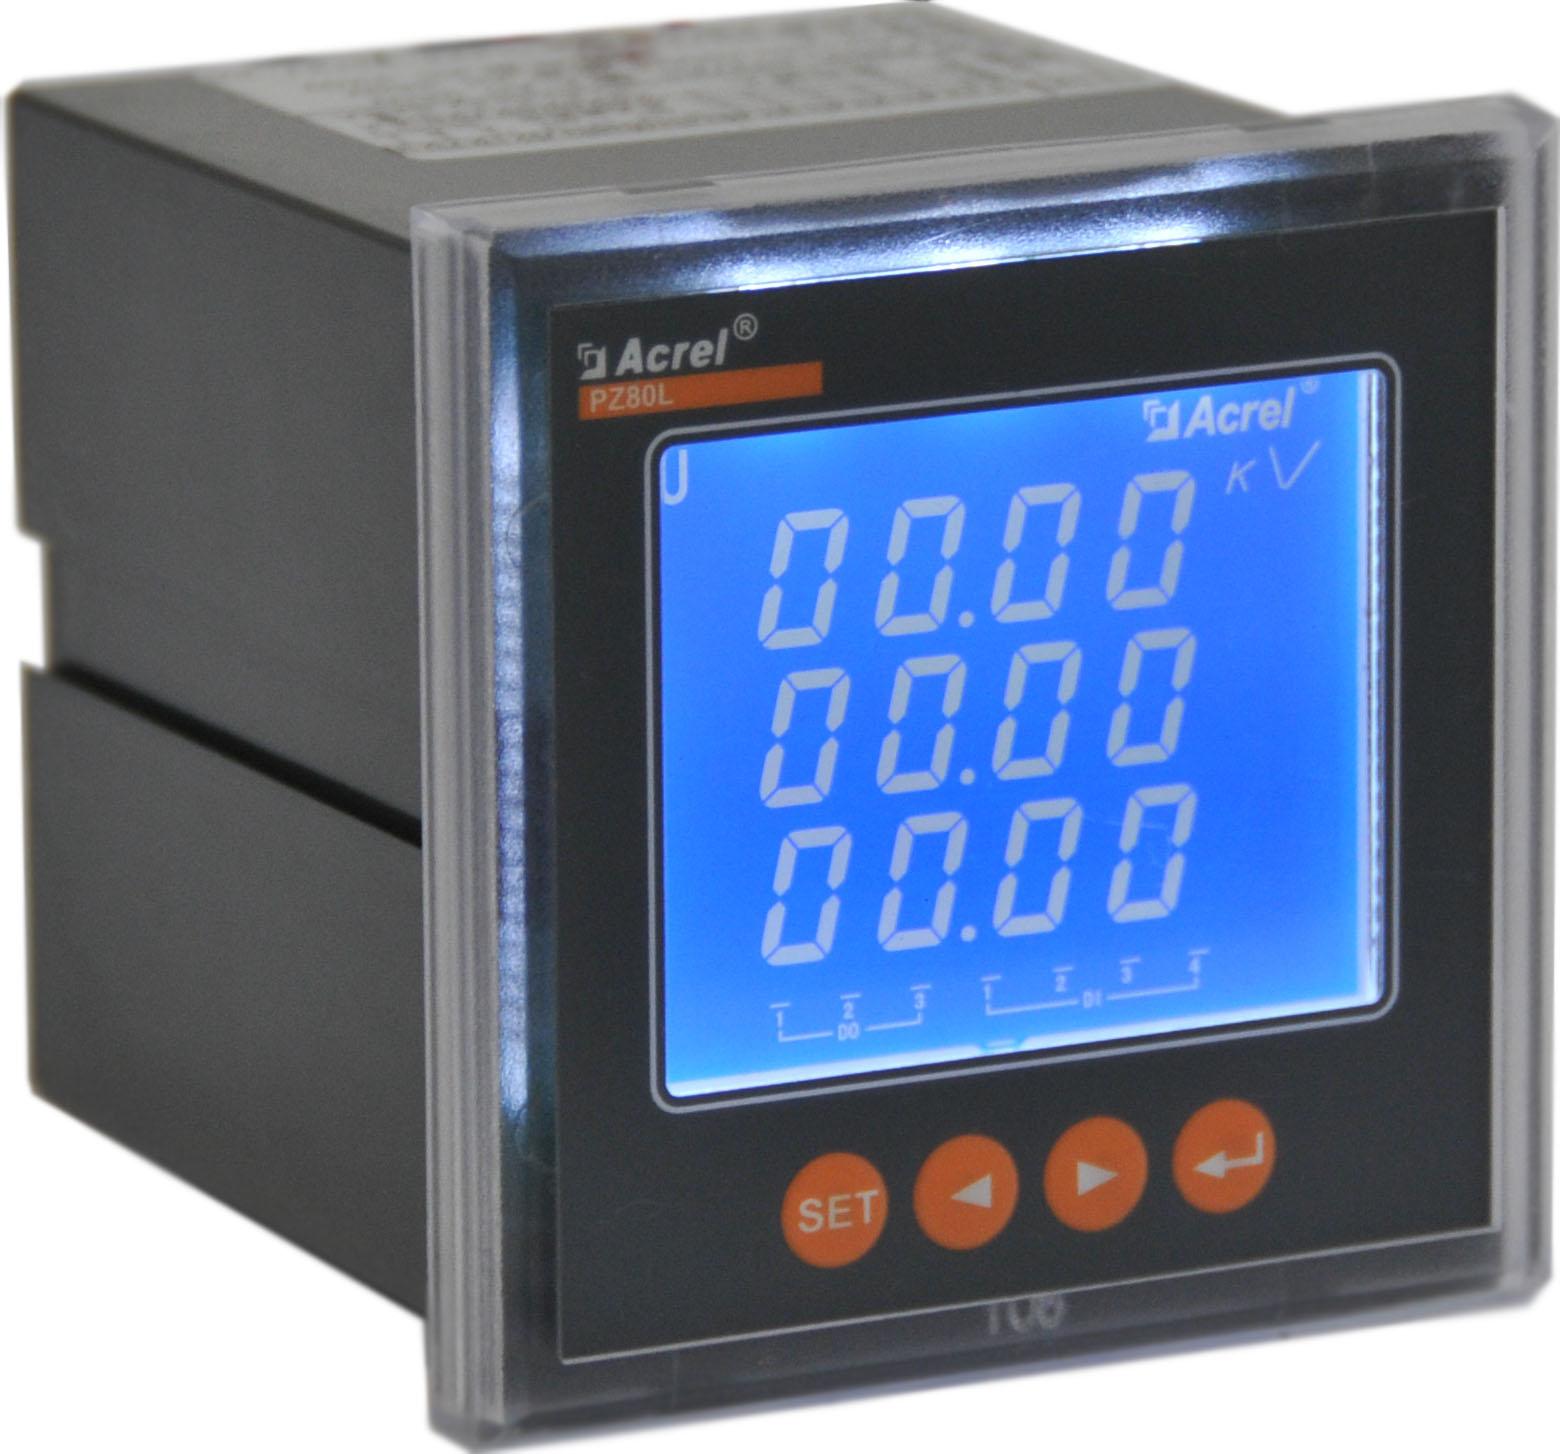 安科瑞厂家直销 PZ96L-E4/CP 电能表 液晶显示 带Profibus通讯